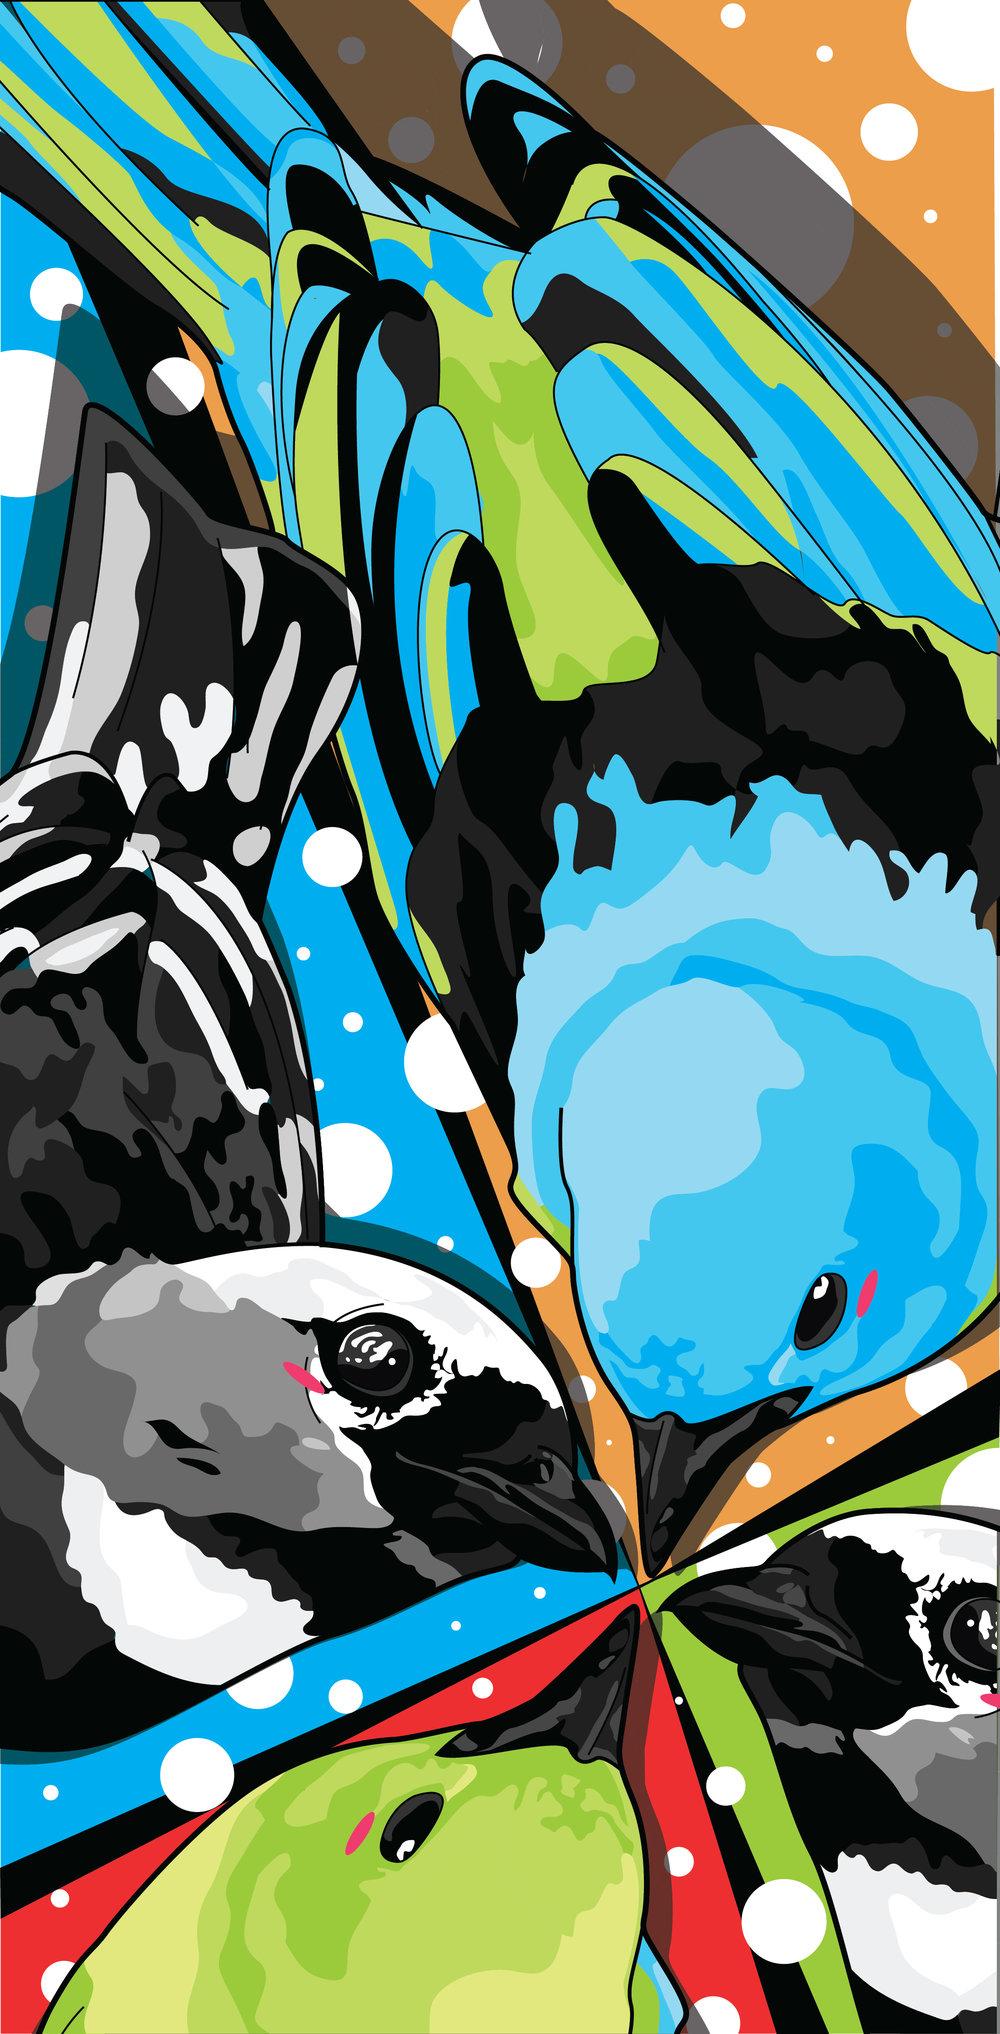 BIRDLOVE-01.jpg